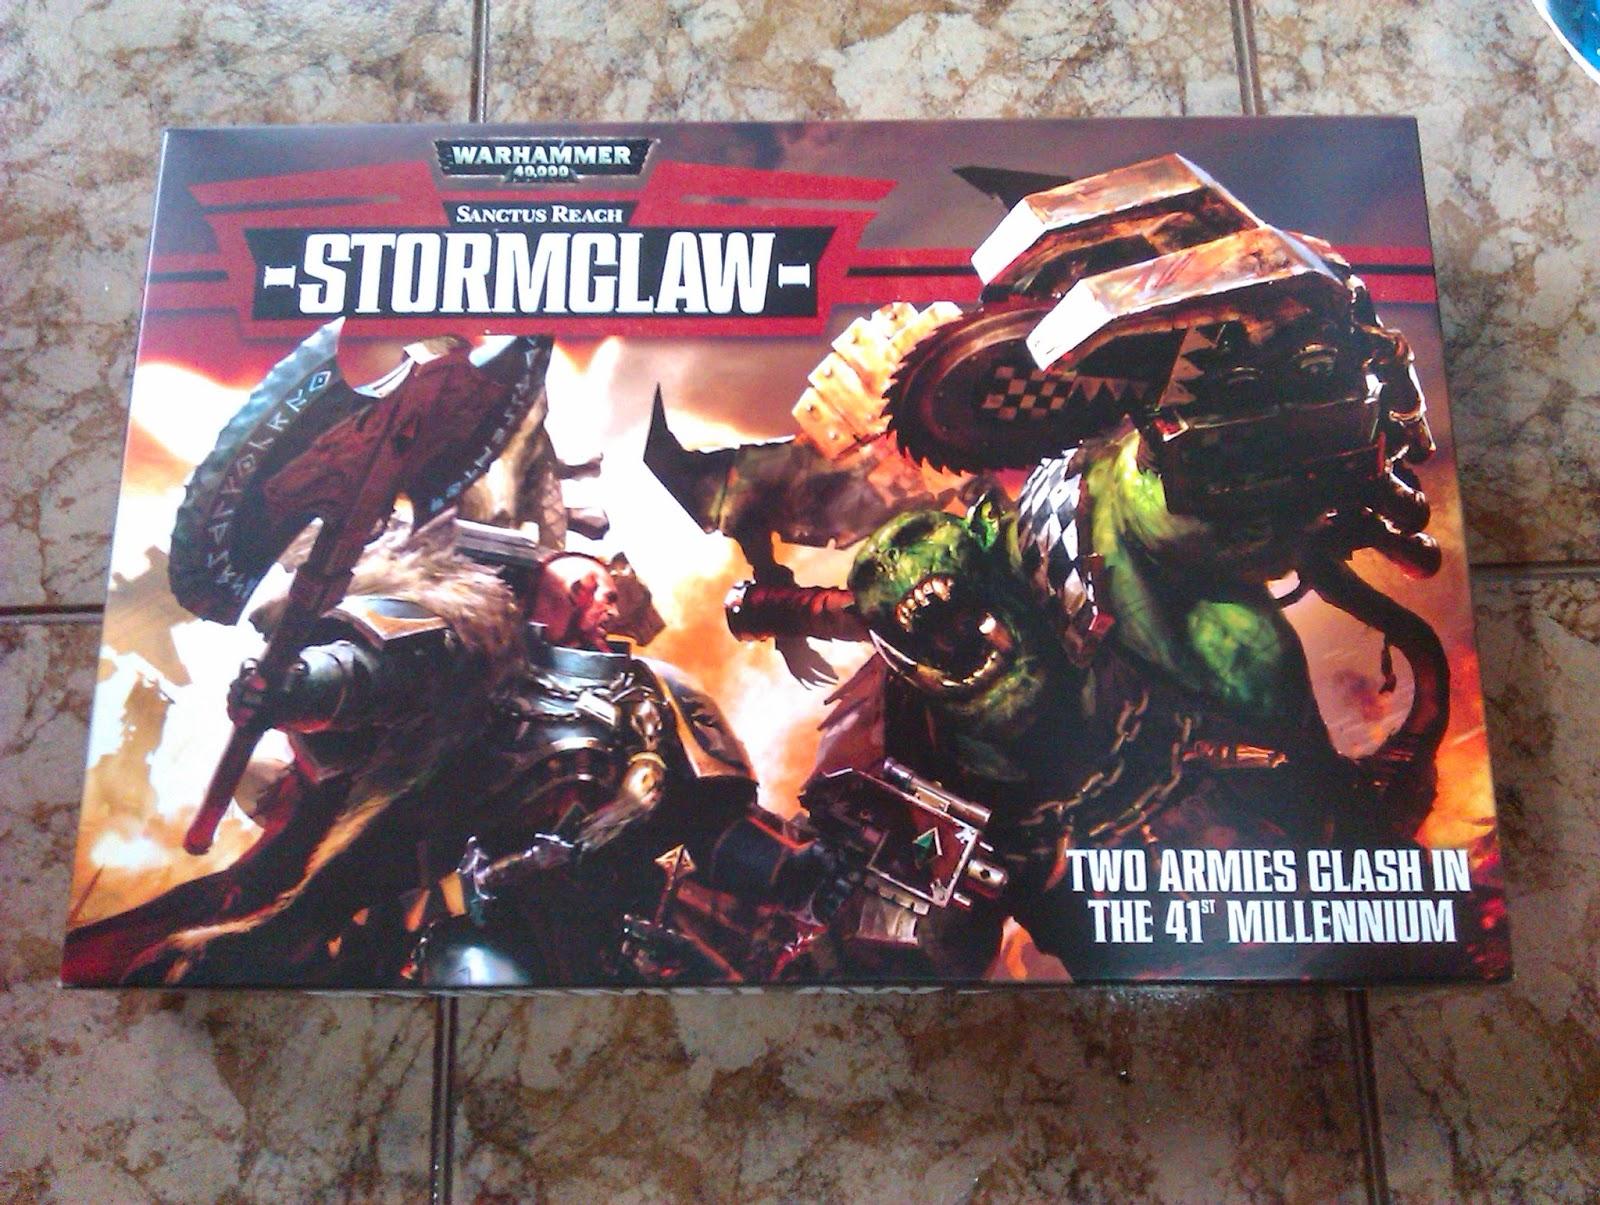 Stormclaw